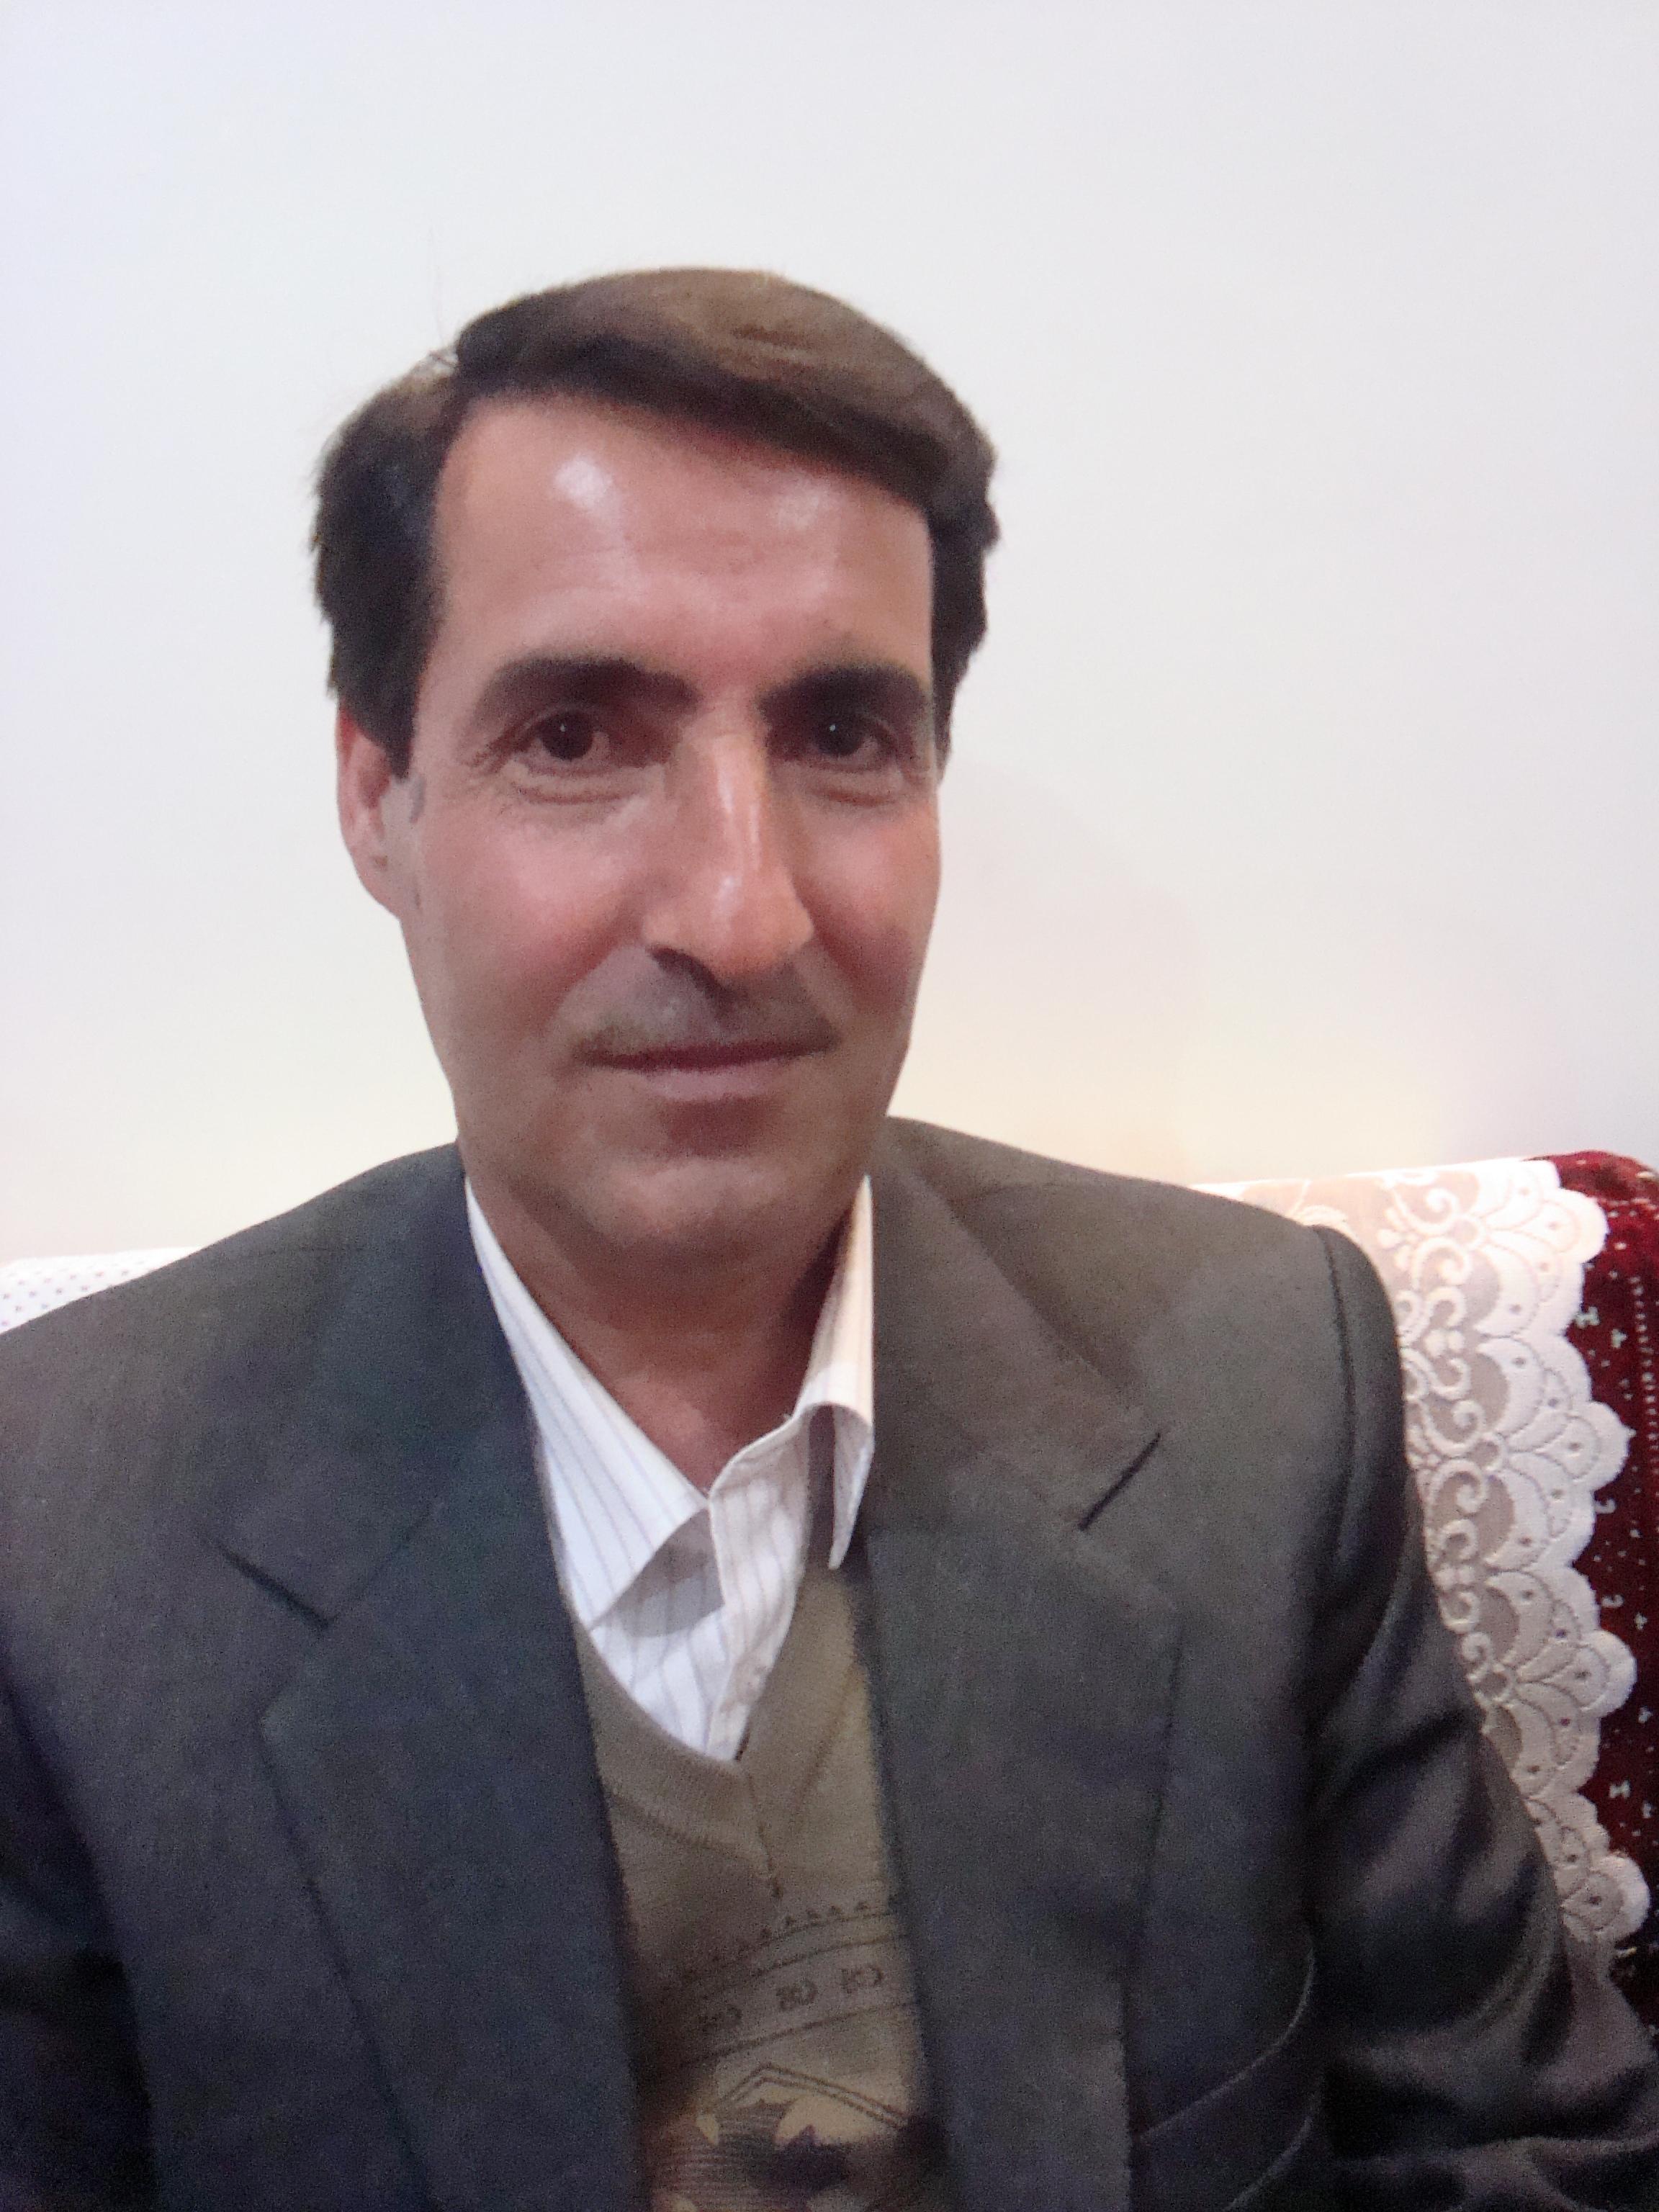 محمدی علی آقا پسر استاد حاج آقا